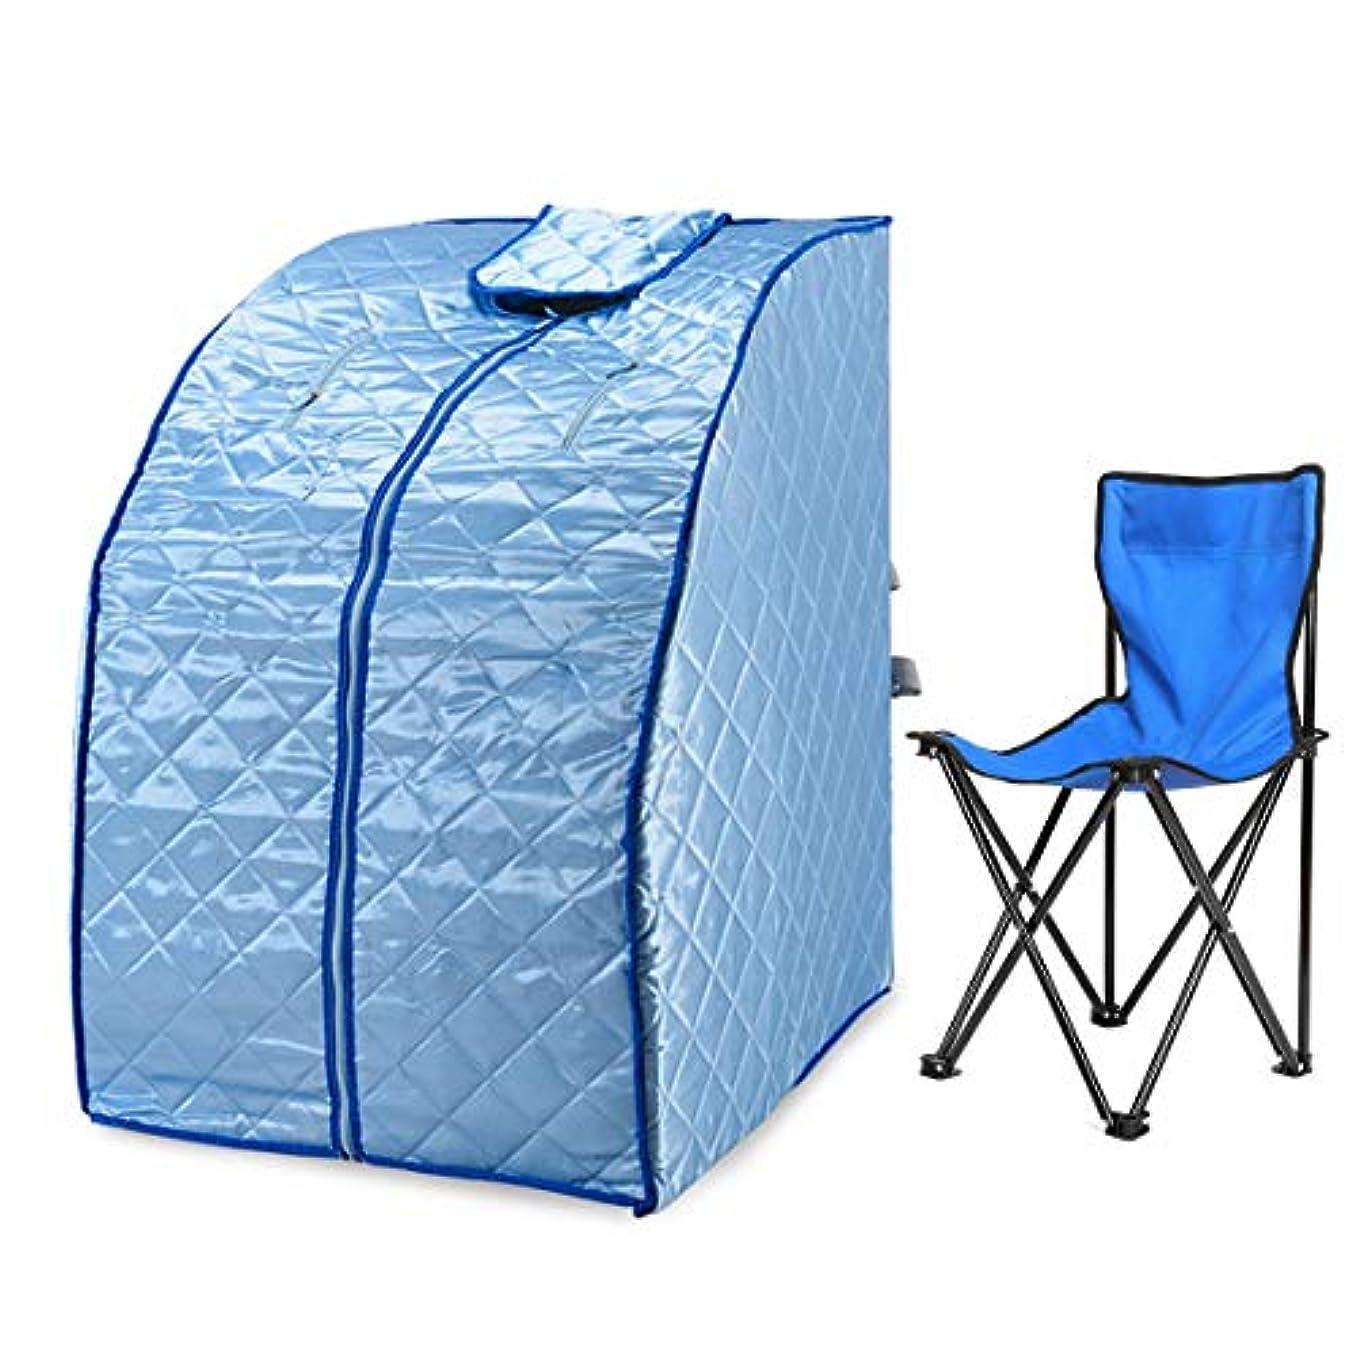 ひばりペイン行列遠赤外線 サウナ と 椅子 ポータブル ヒータ サウナボックス 屋内 折り畳み サウナスチームキャビン パーソナル スパ 体重が減る そして 毒素を除去